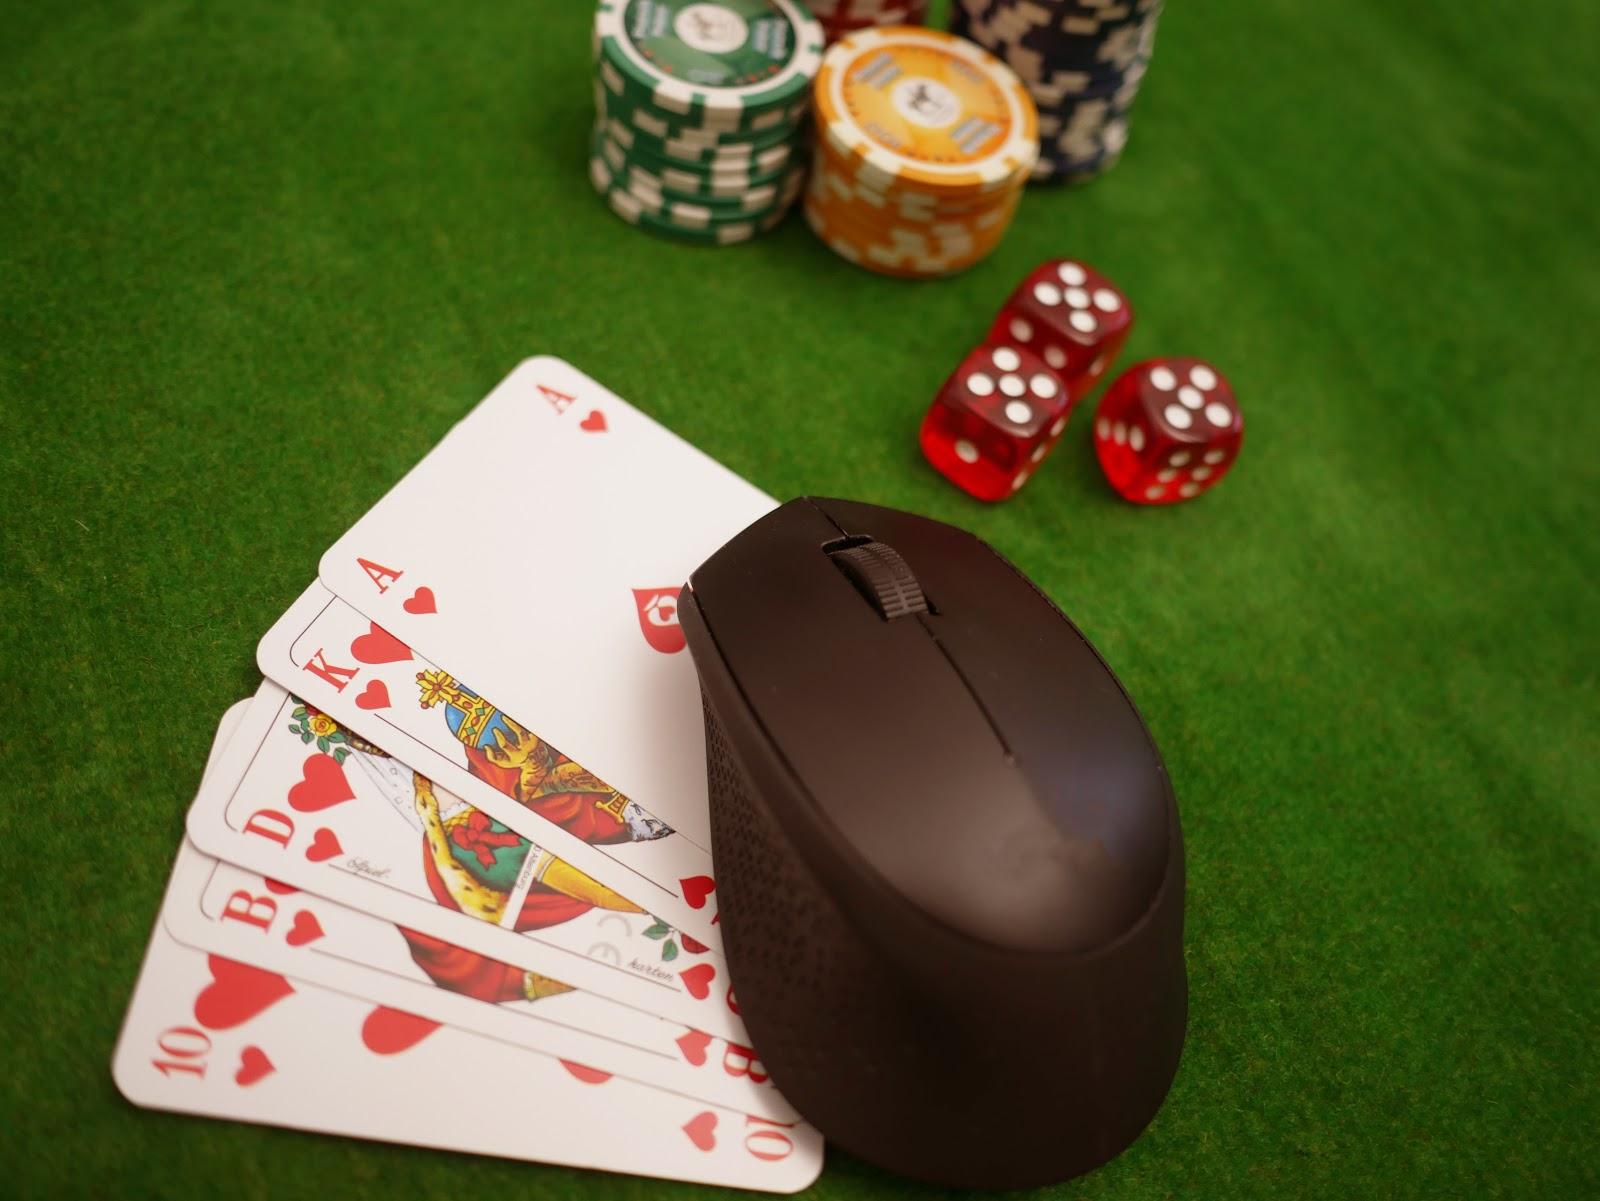 Computermaus, Spielkarten, Pokerchips und Würfel auf grünem Pokertisch